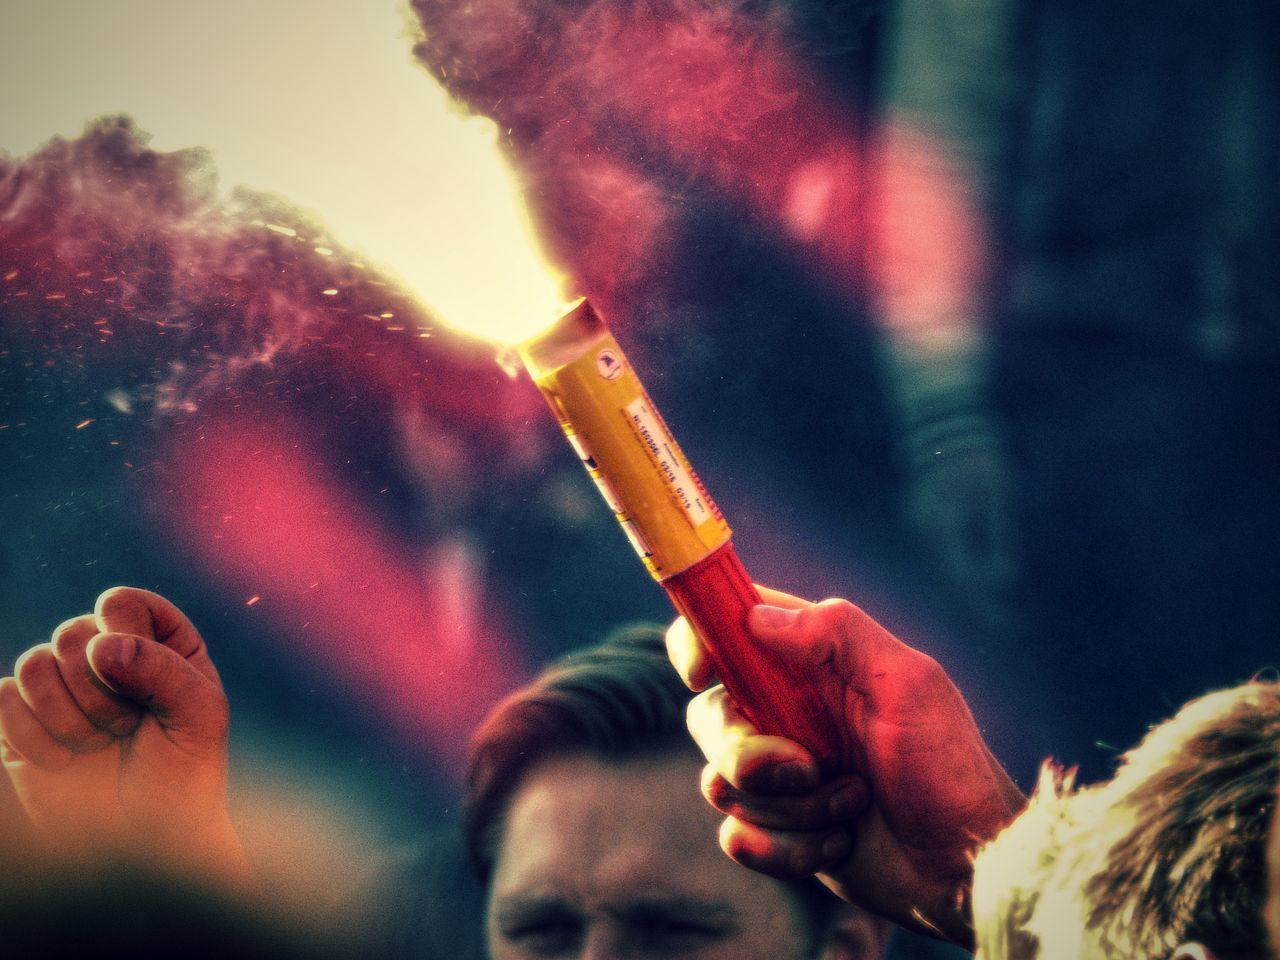 fans celebrating PSV championship 2015 Celebration Champion Championship Eindhoven Football Football Fans Football Fever Psv Soccer Soccer Fans Street Photography Streetphotography Torch Torchlight